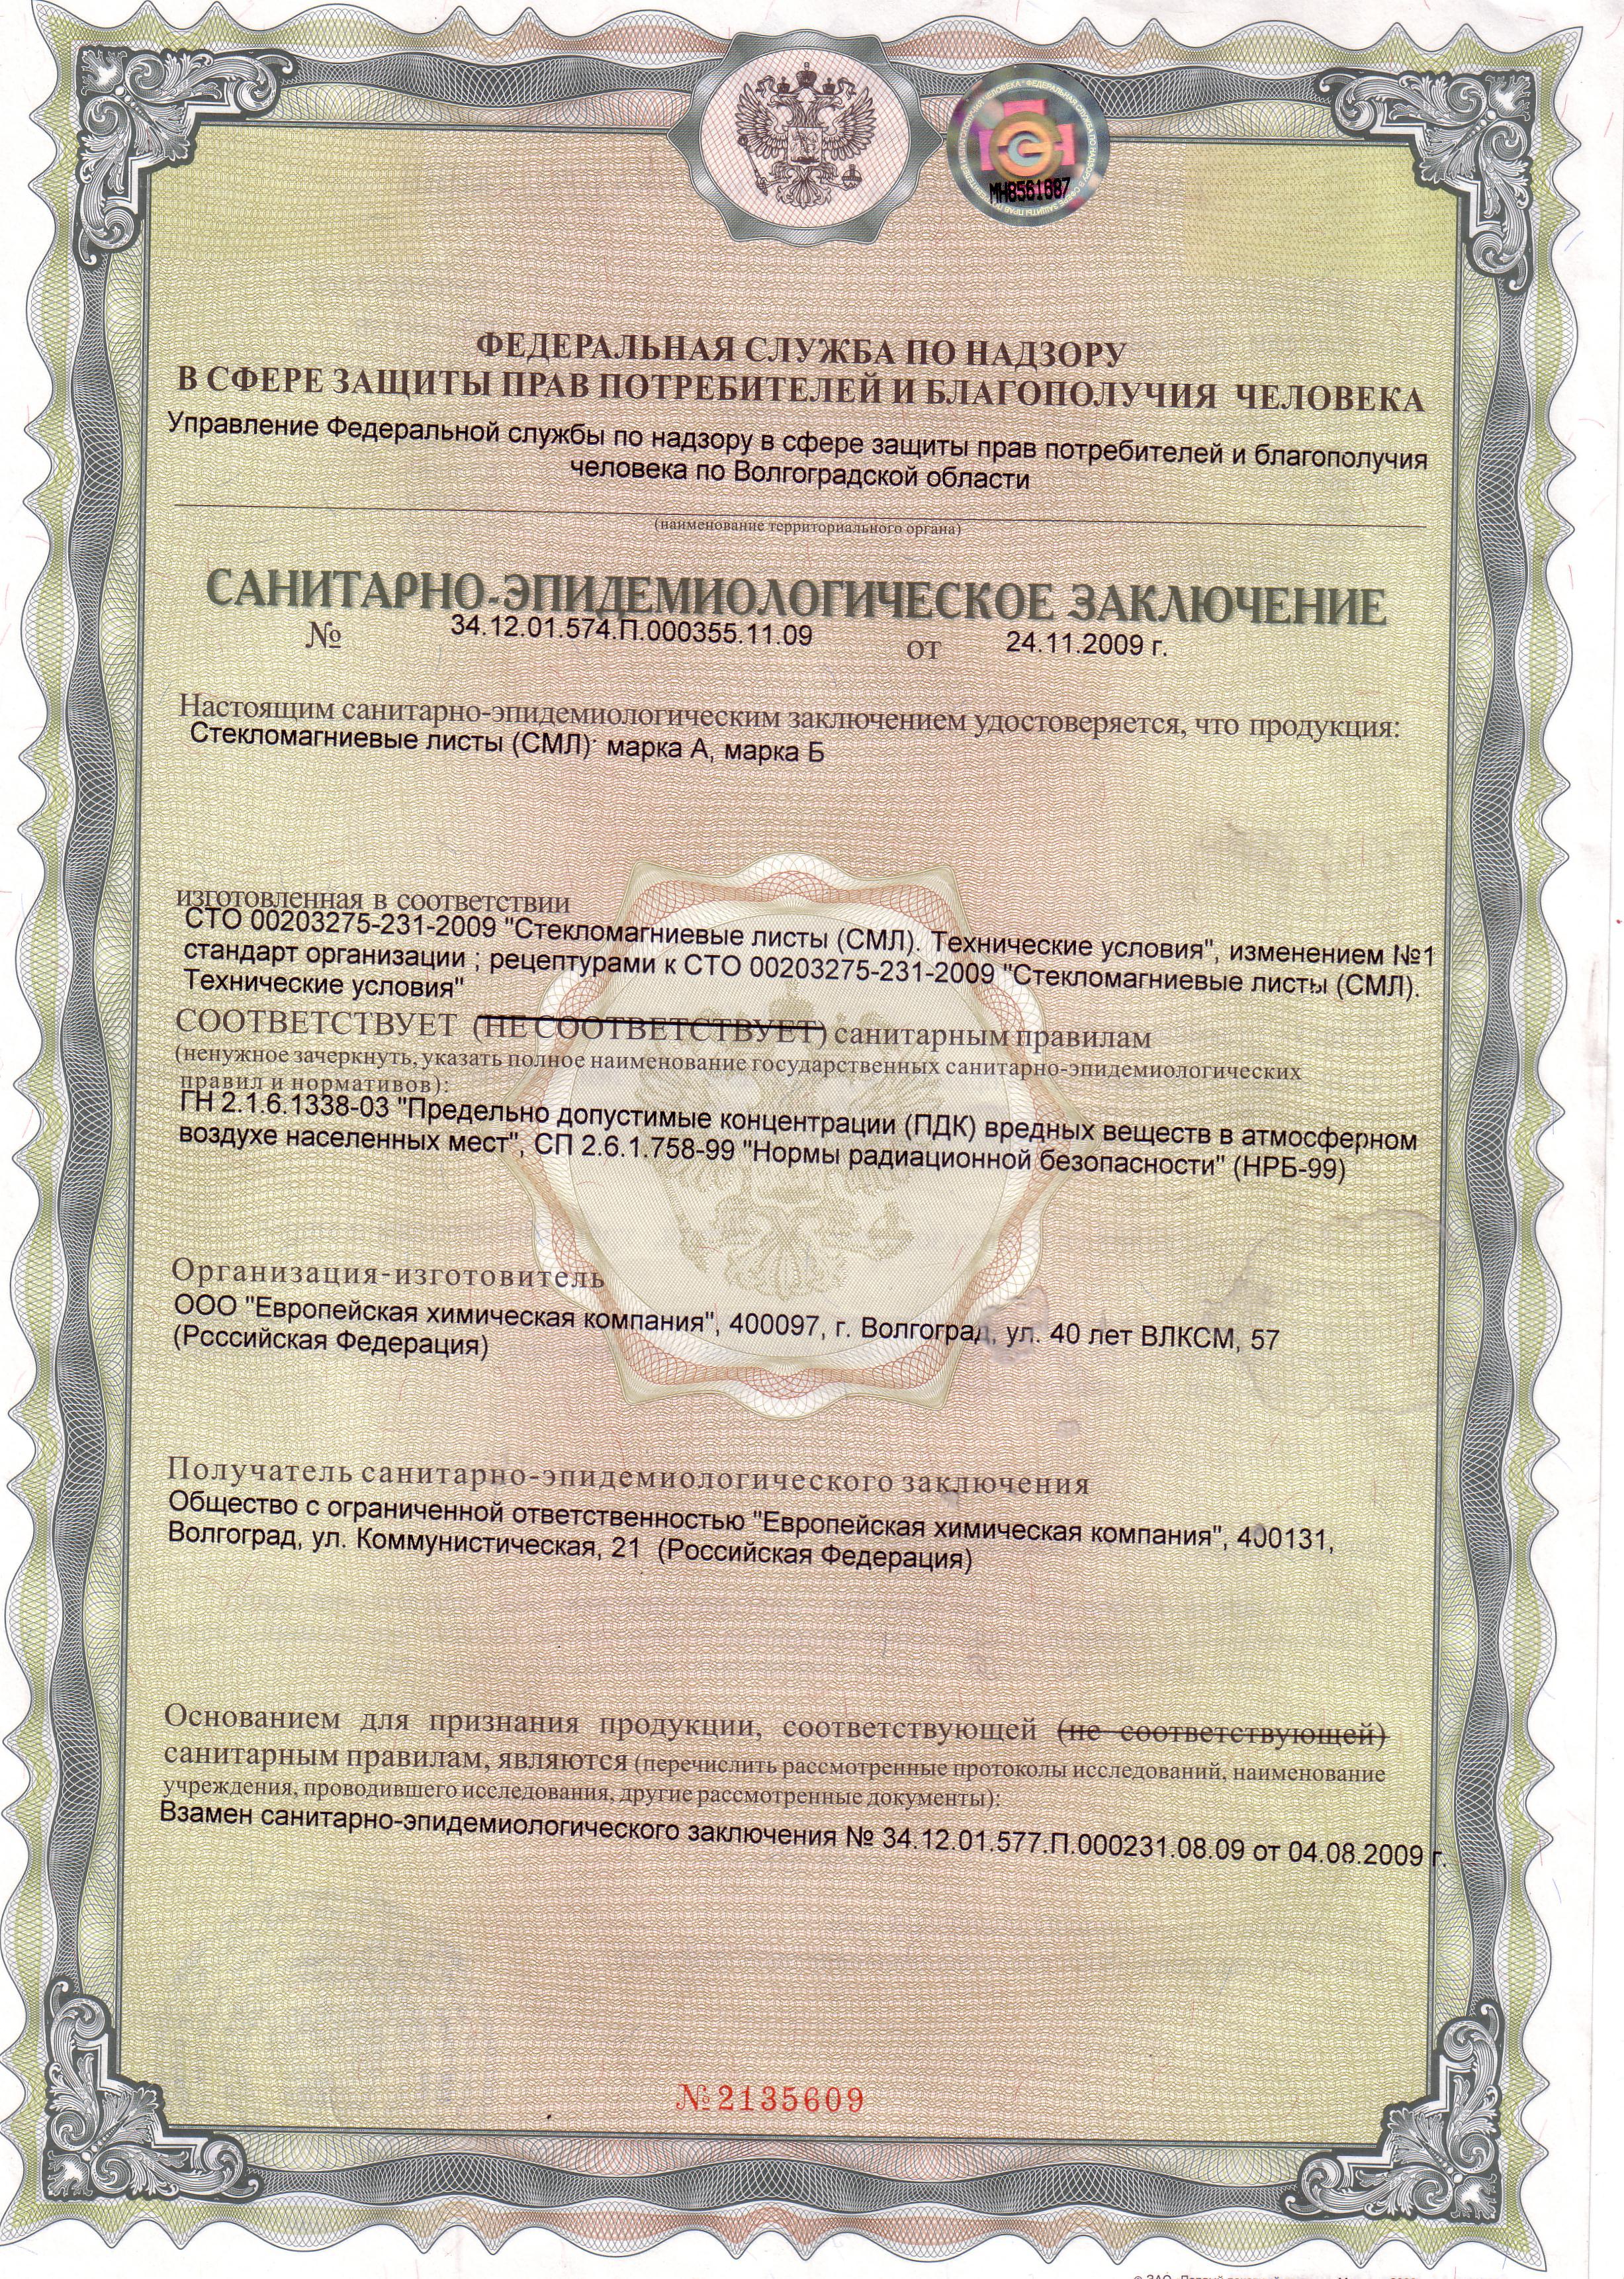 Сертификаты на стекломагнезитывые листы (смл) российского производства Tehstrong, гигиенический сертификат